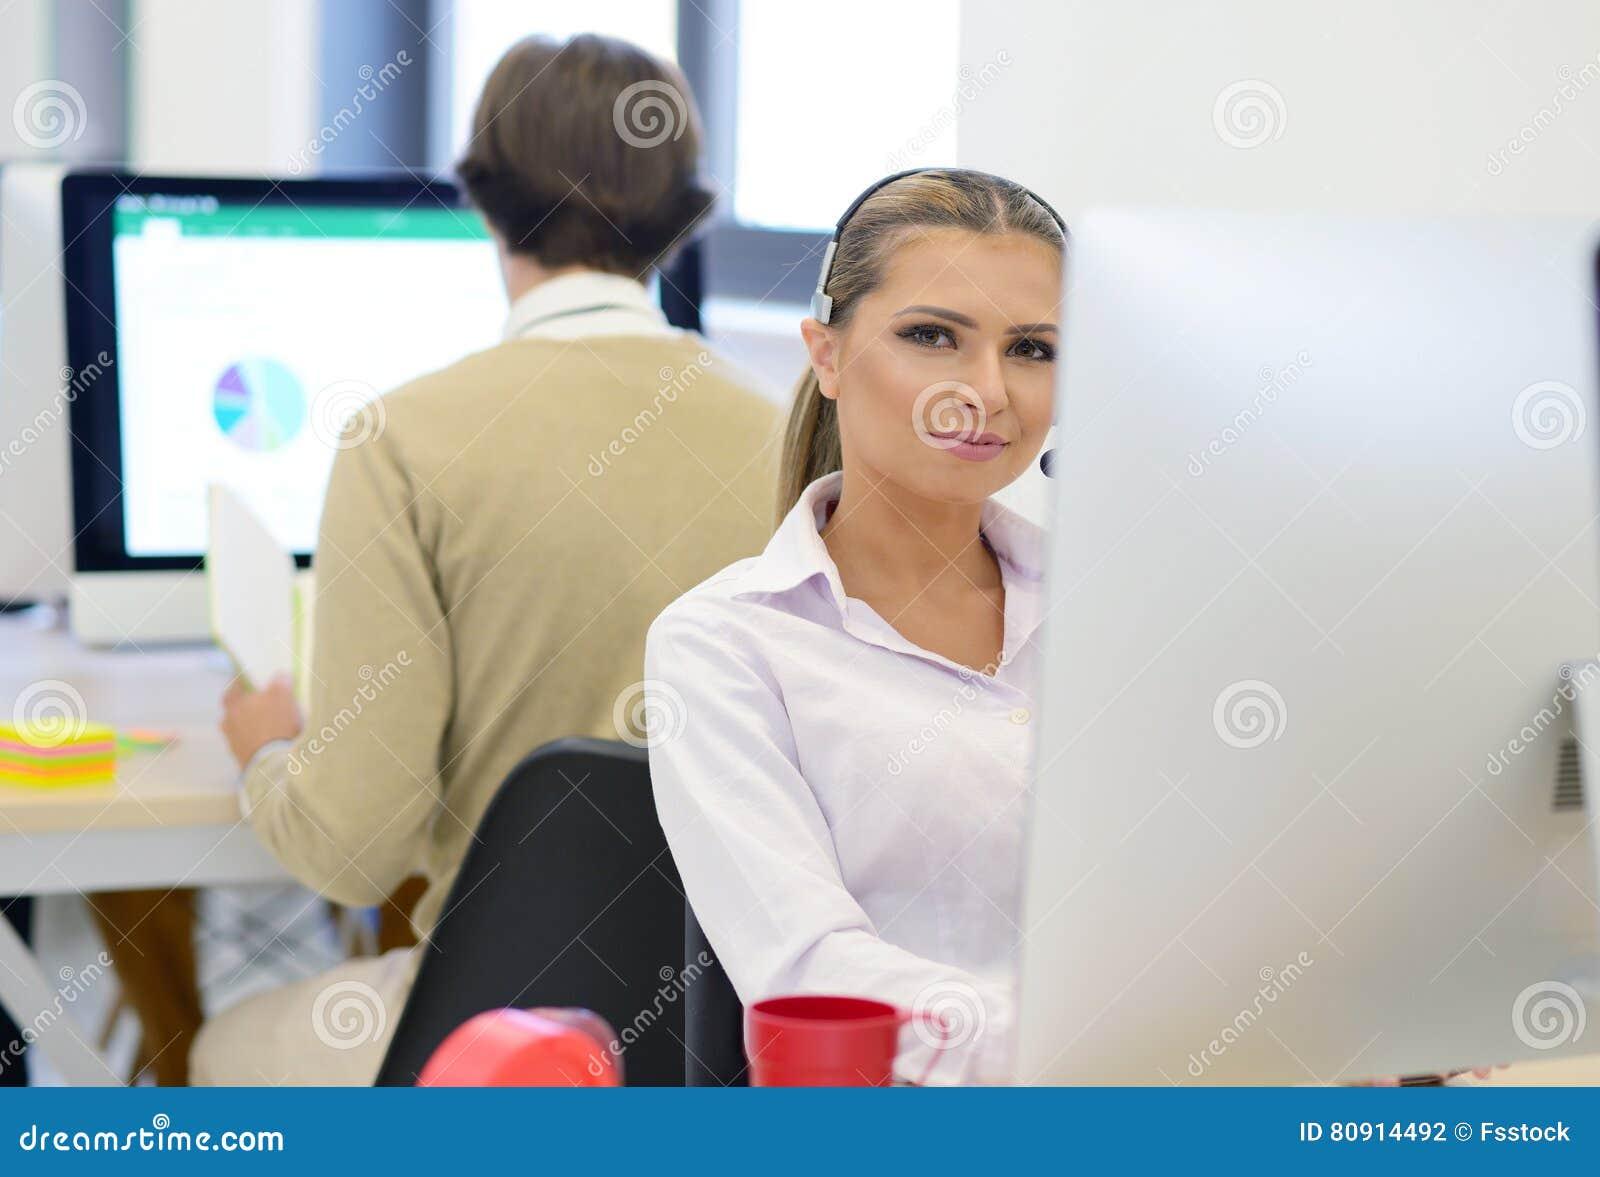 Startup дело, молодая красивая женщина как разработчик программного обеспечения работая на компьютере на современном офисе